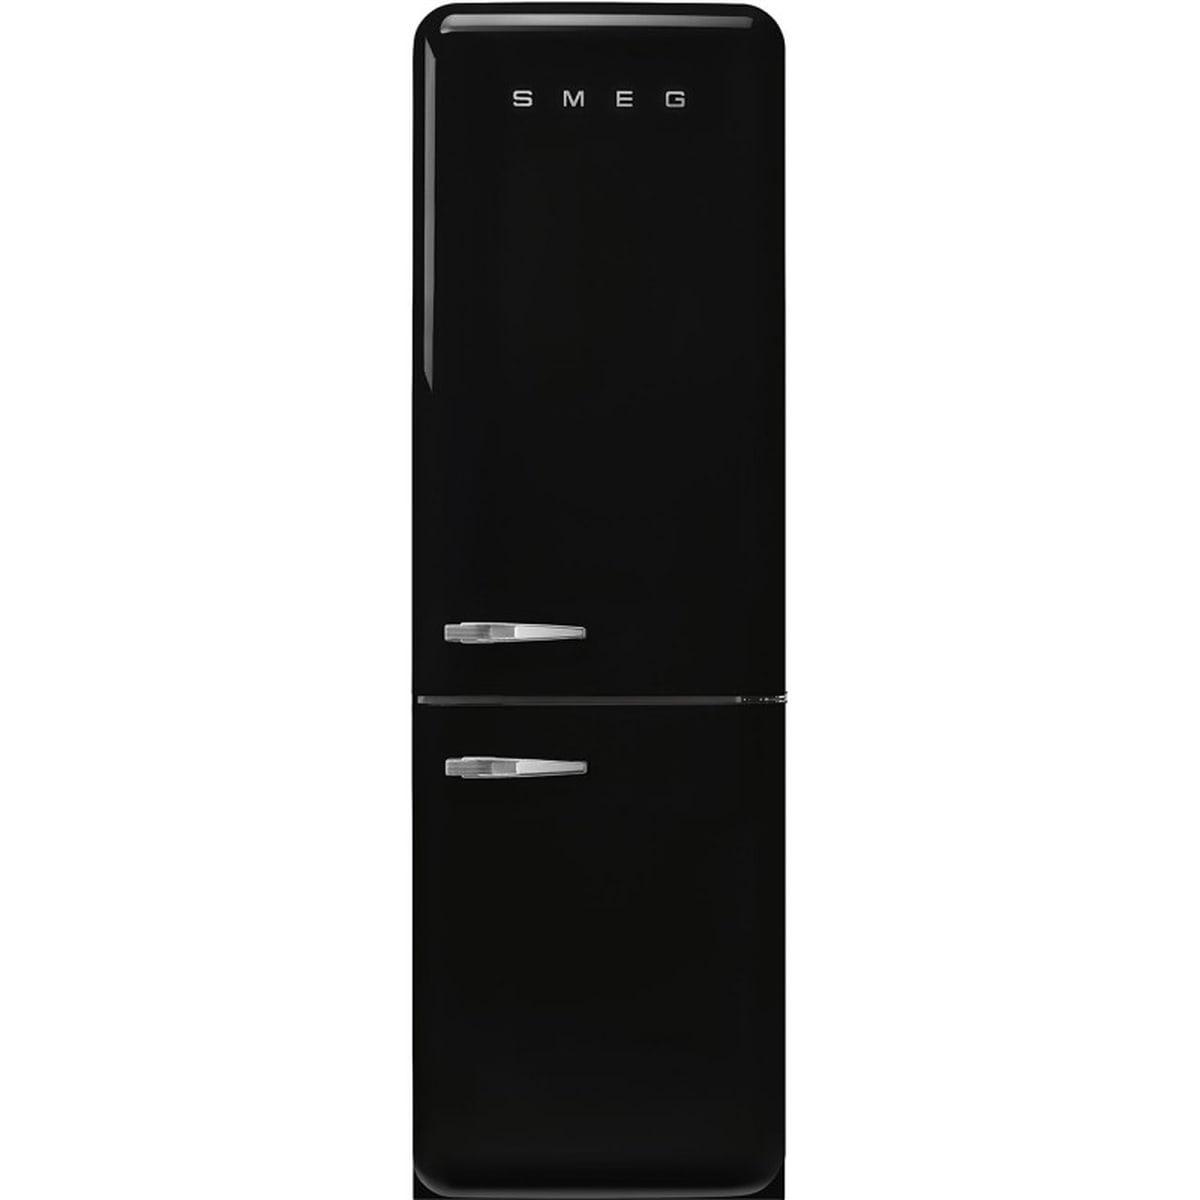 Smeg kombiskap 196,8 cm sort høyre FAB32RBL5